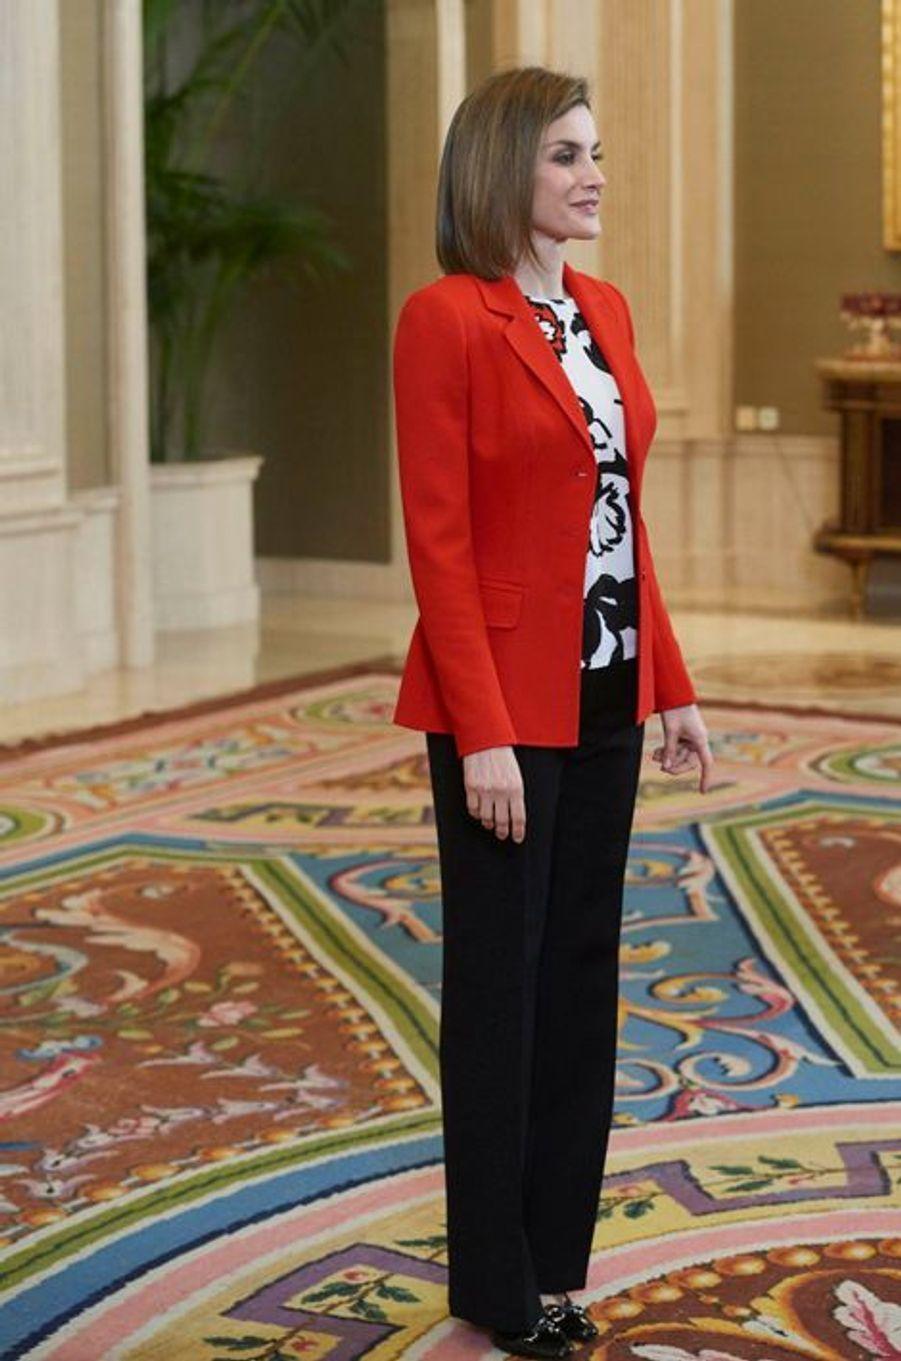 La reine Letizia d'Espagne au Palais de la Zarzuela à Madrid, le 26 janvier 2016